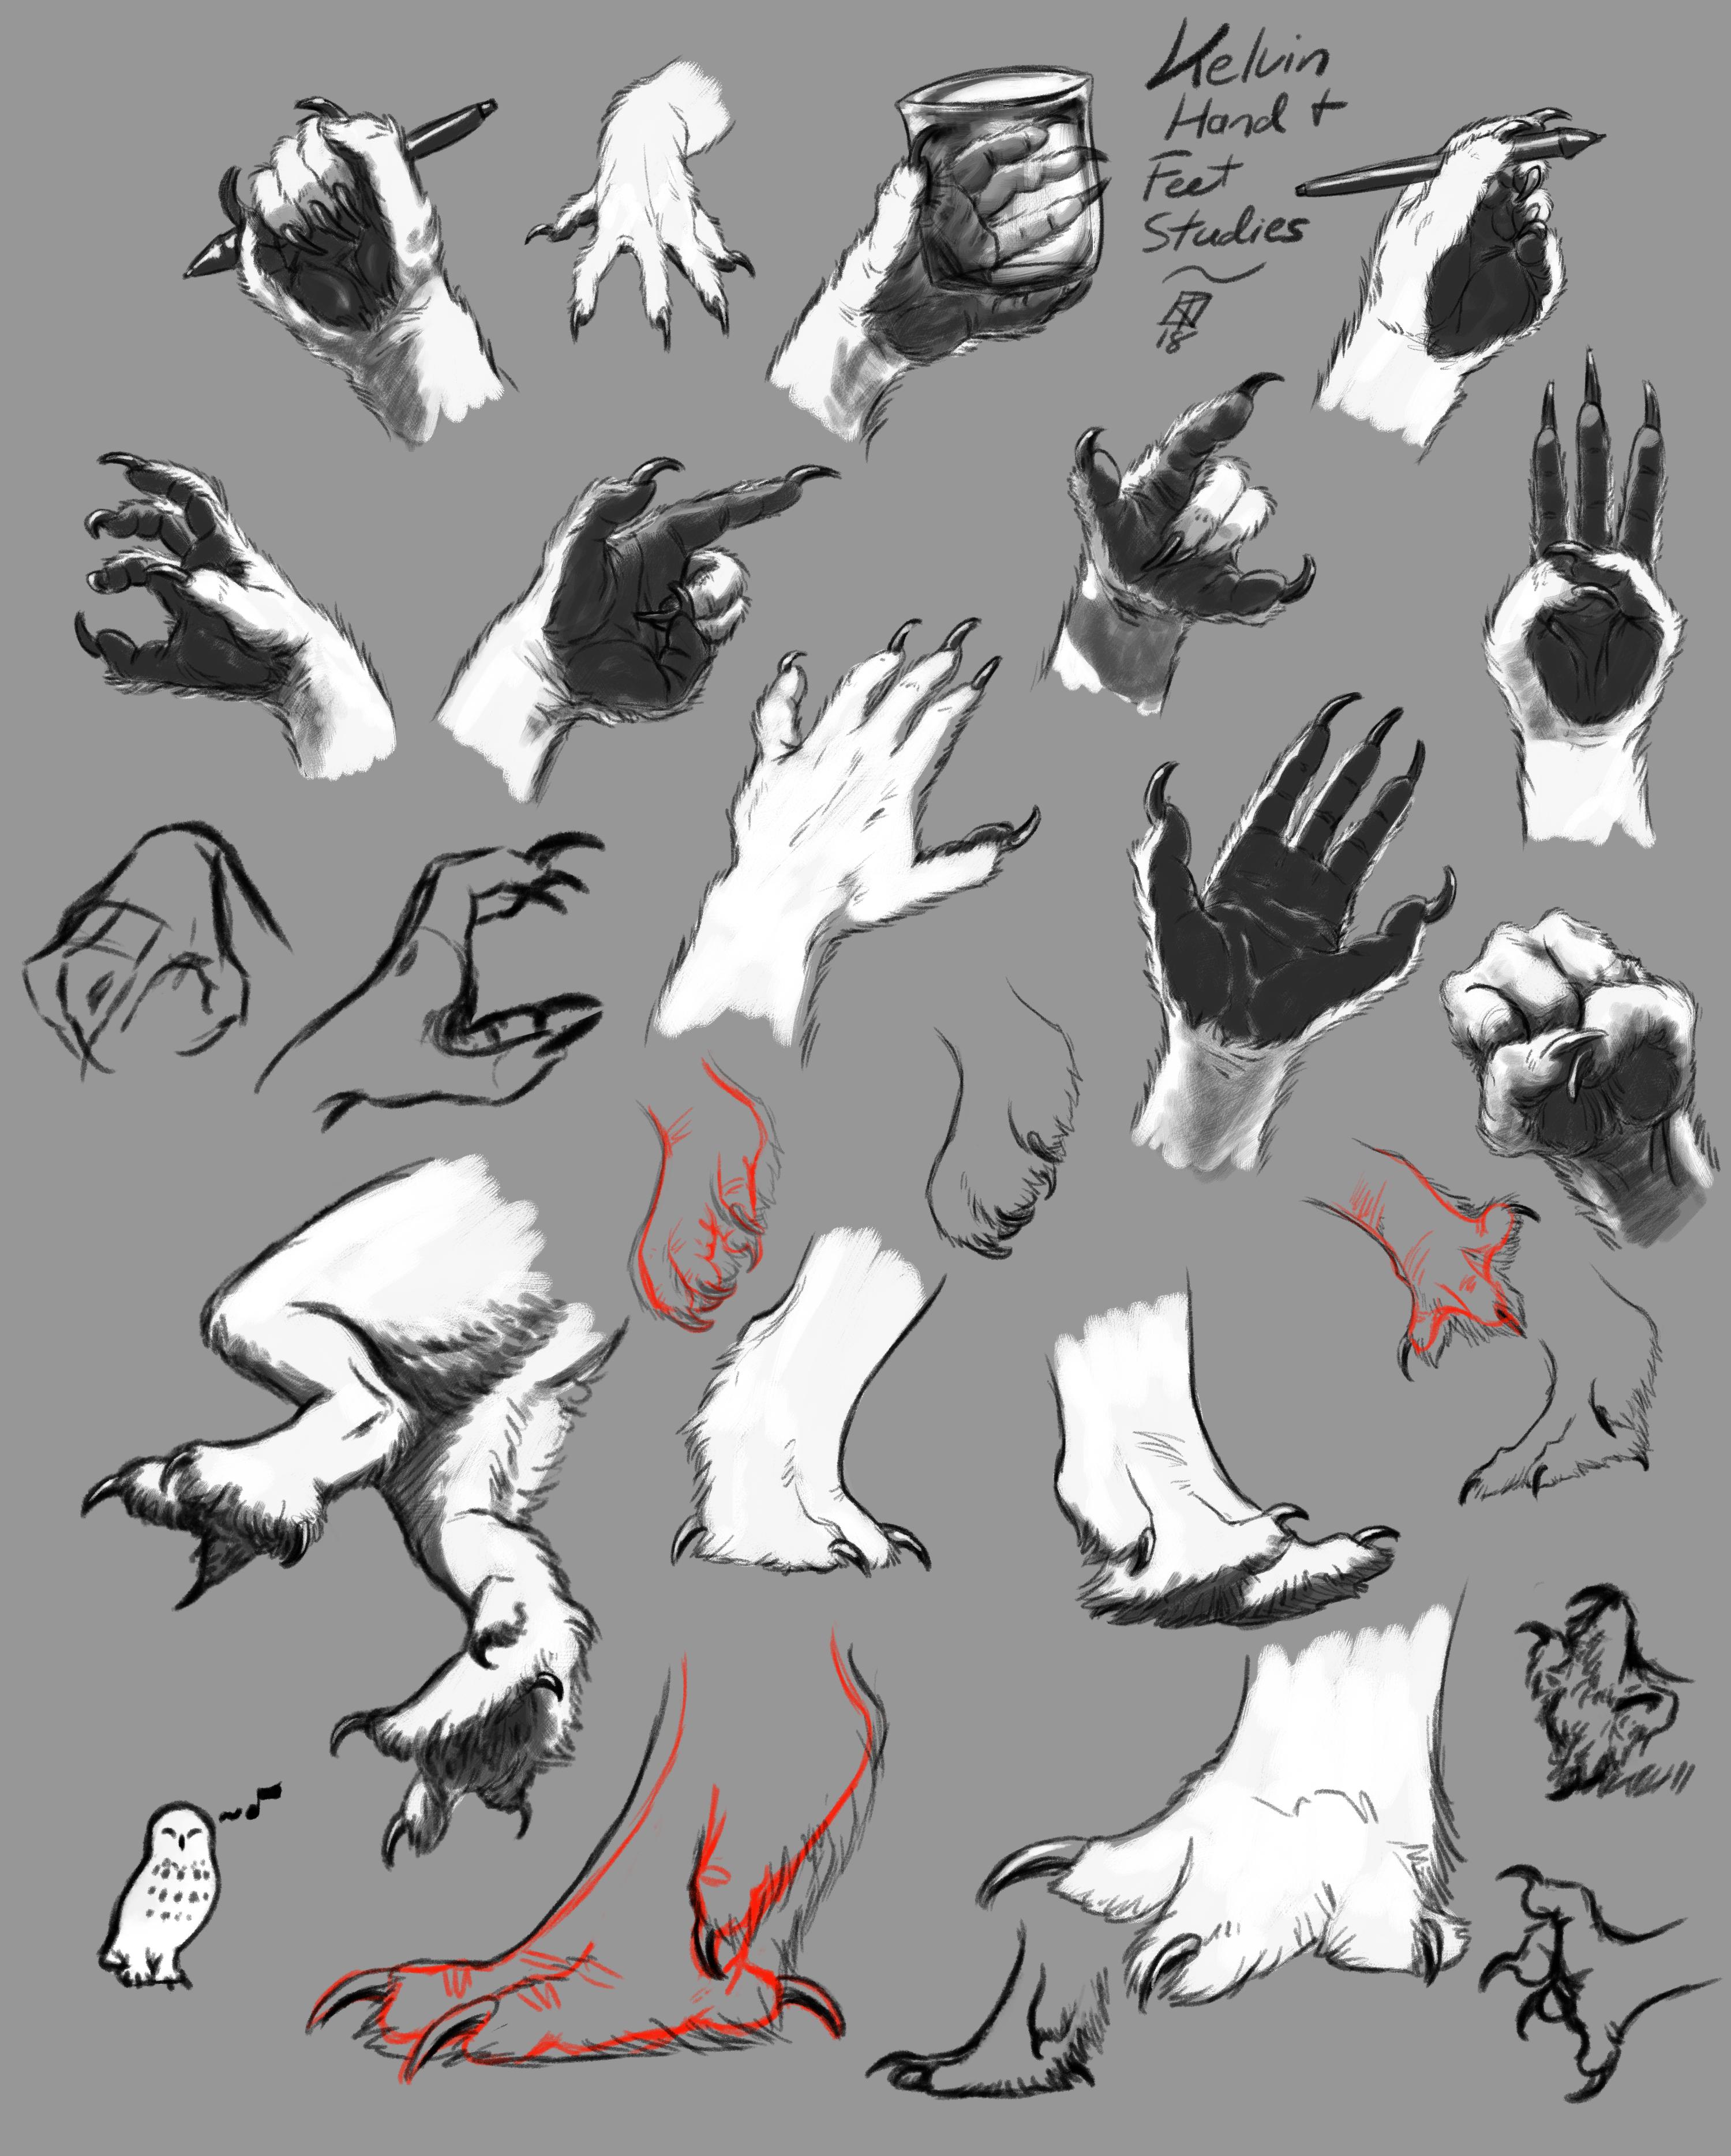 Kelvin's Hands